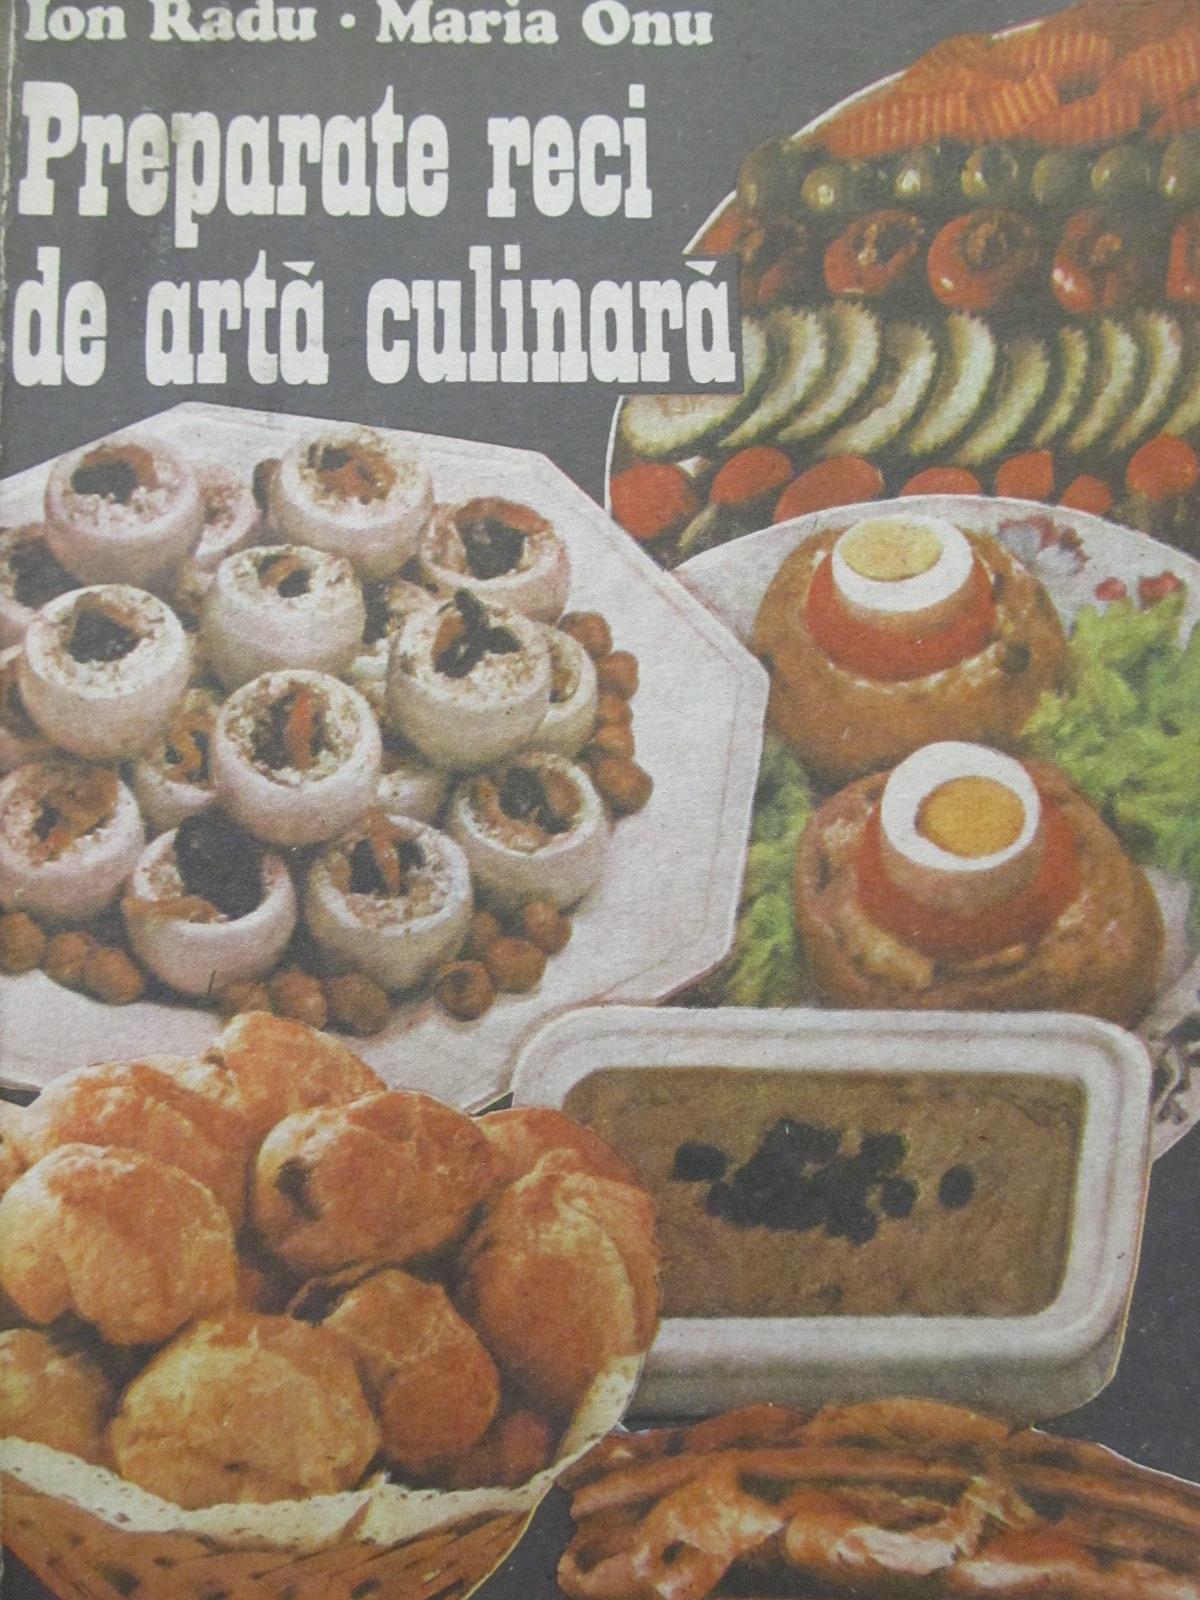 Preparate reci de arta culinara - Ion Radu , Maria Onu | Detalii carte